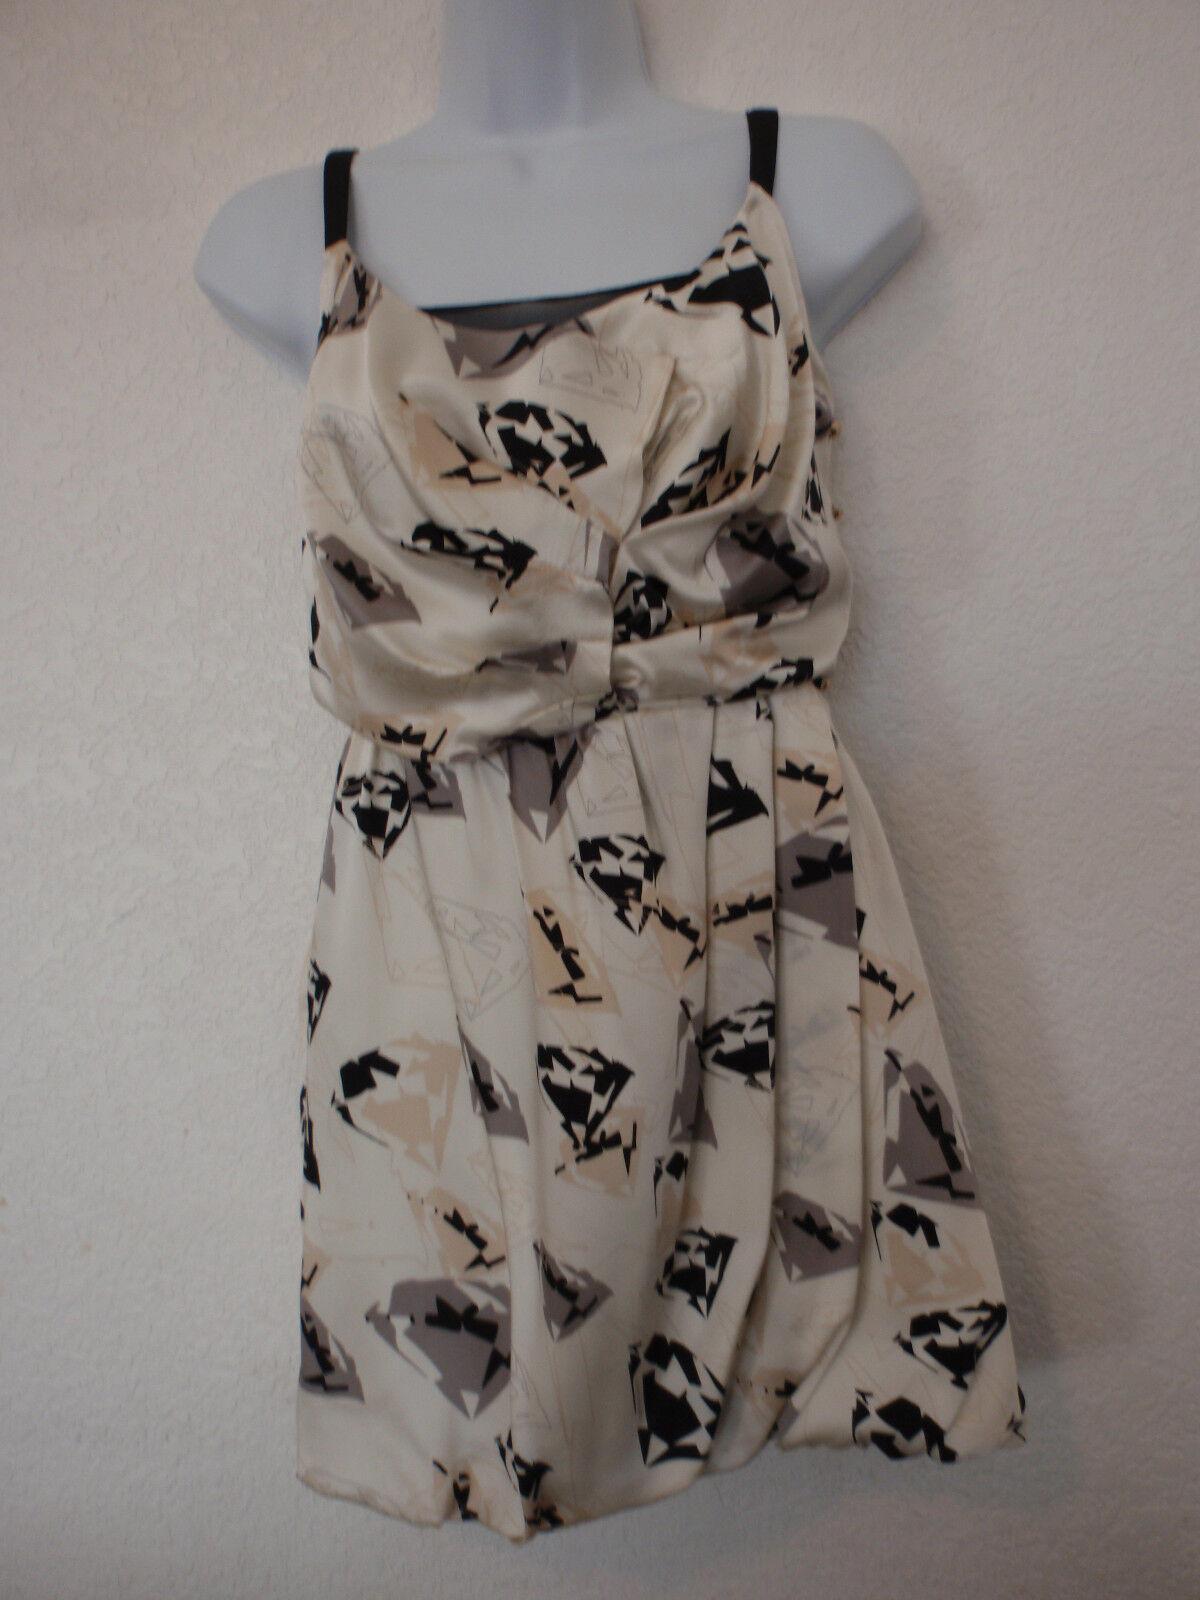 Nwt RADENRgold white diamond print buble dress size 0, extremely gorgeous